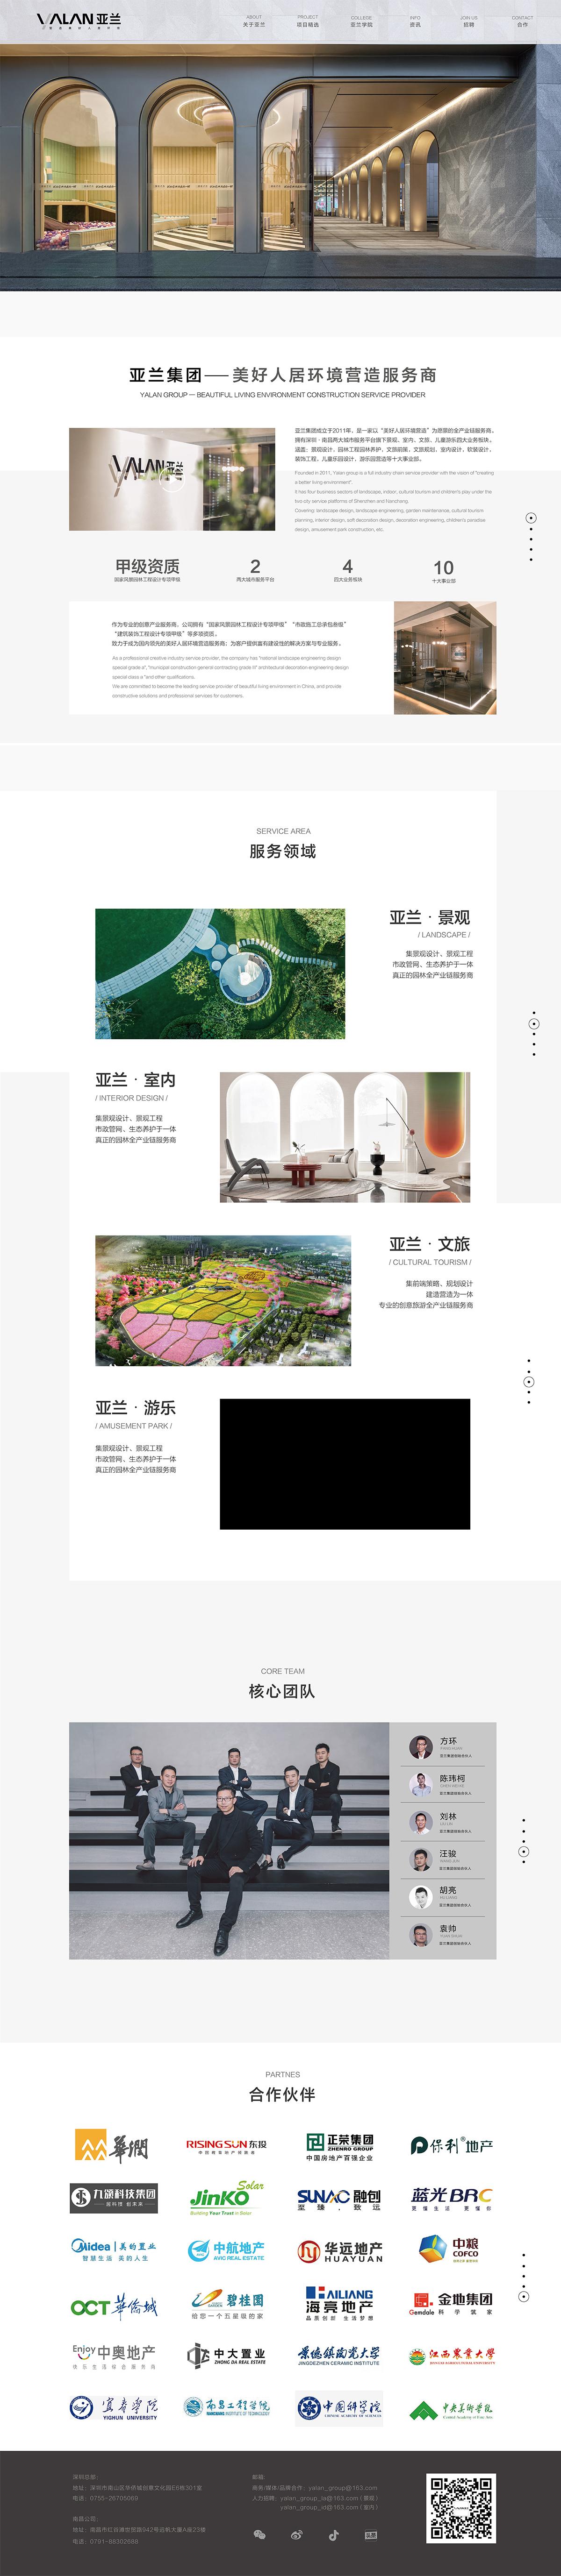 南昌建筑装饰类品牌网站建设.jpg